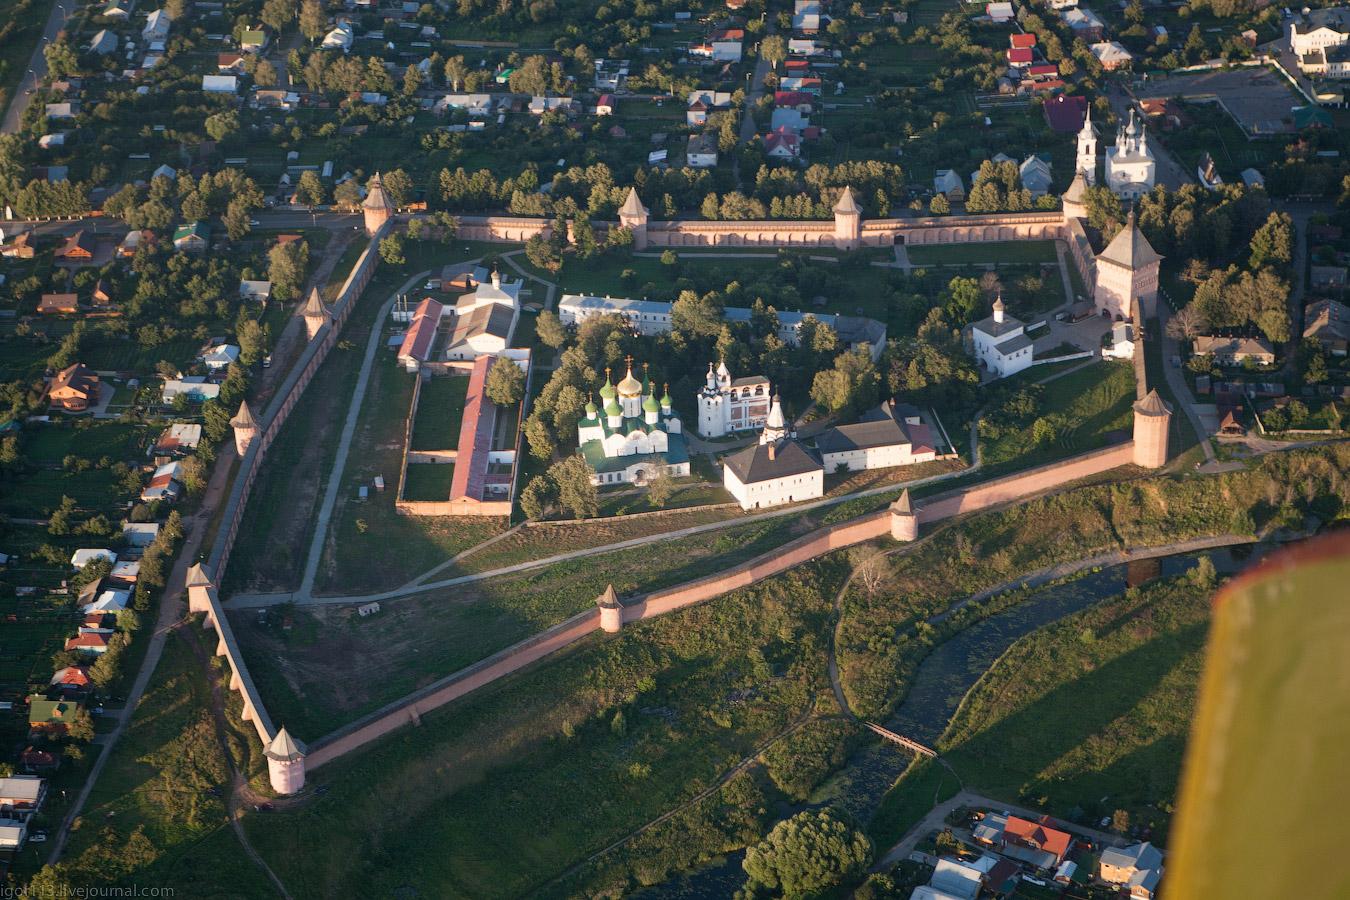 покровский монастырь фото с высоты скупились саркастические